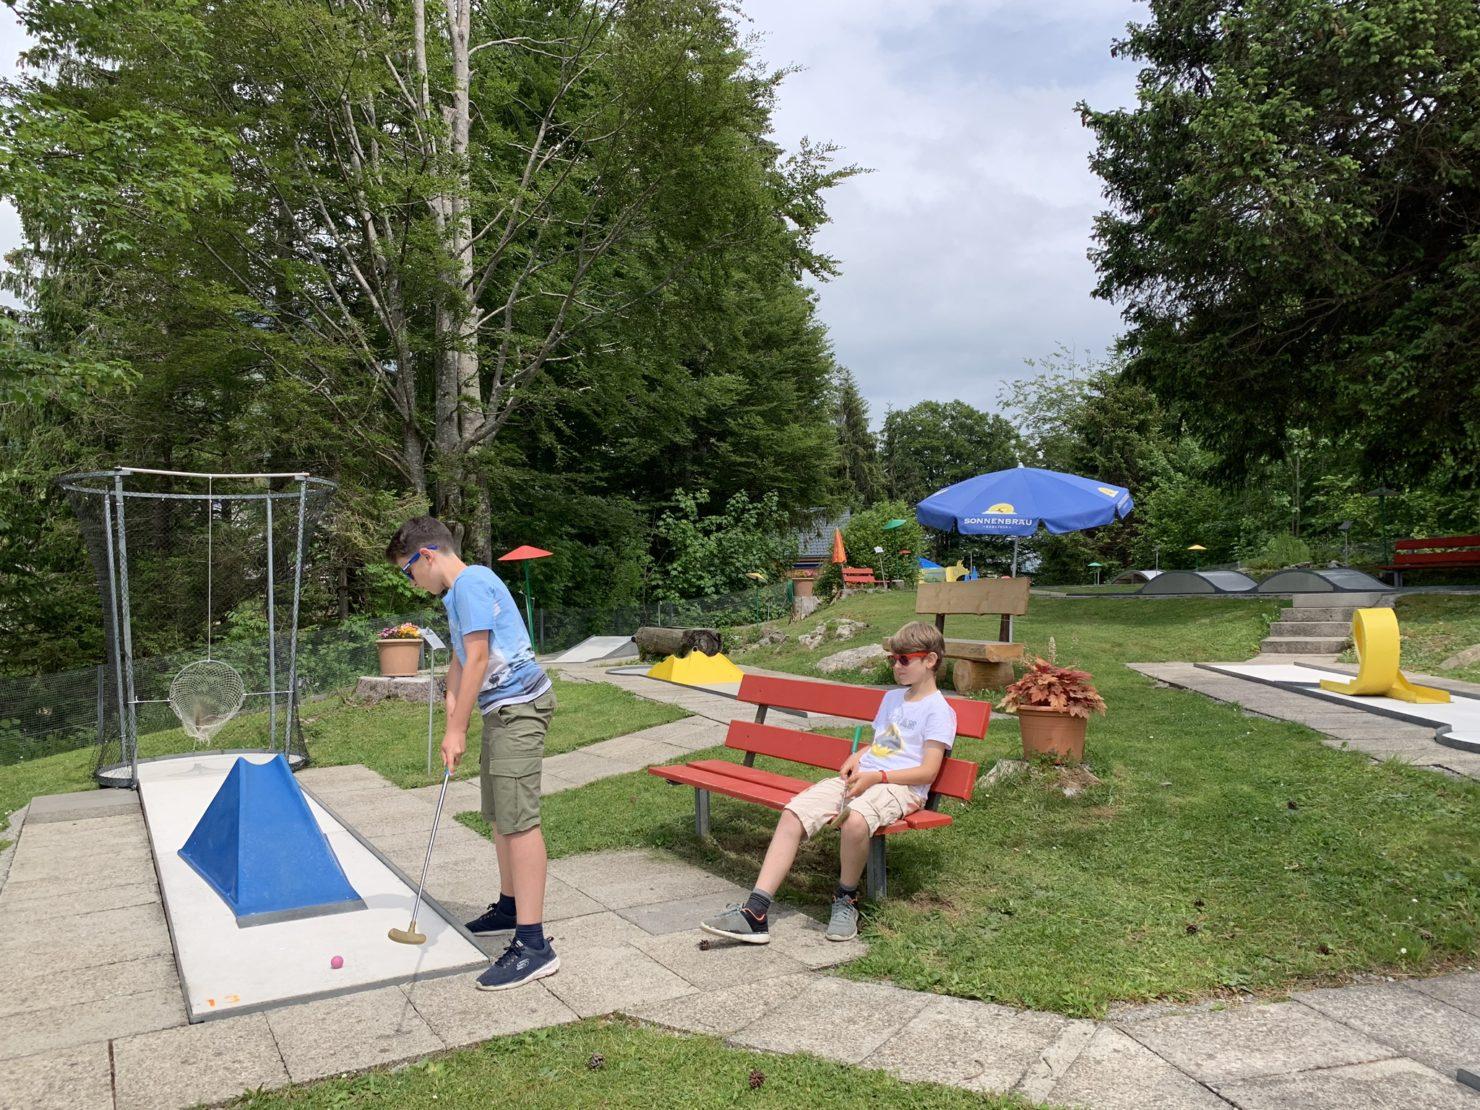 Wildhaus und das Toggenburg: Ein Ferienparadies für Familien